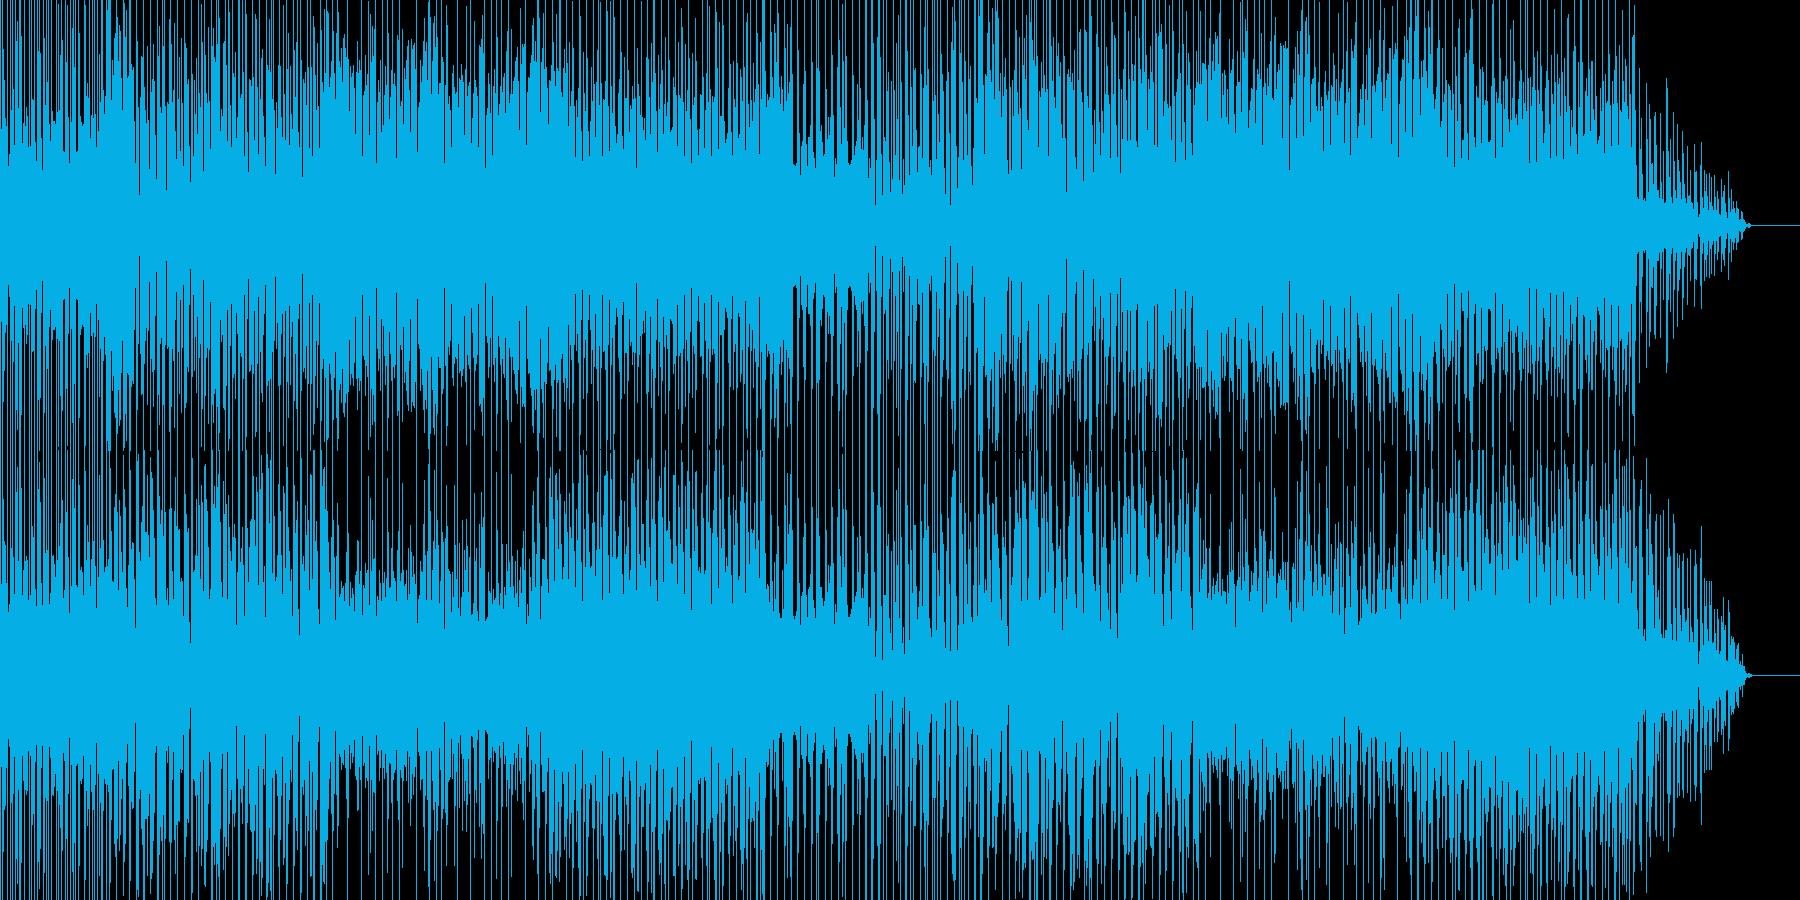 ちょっと不思議な感じのテクノ曲の再生済みの波形